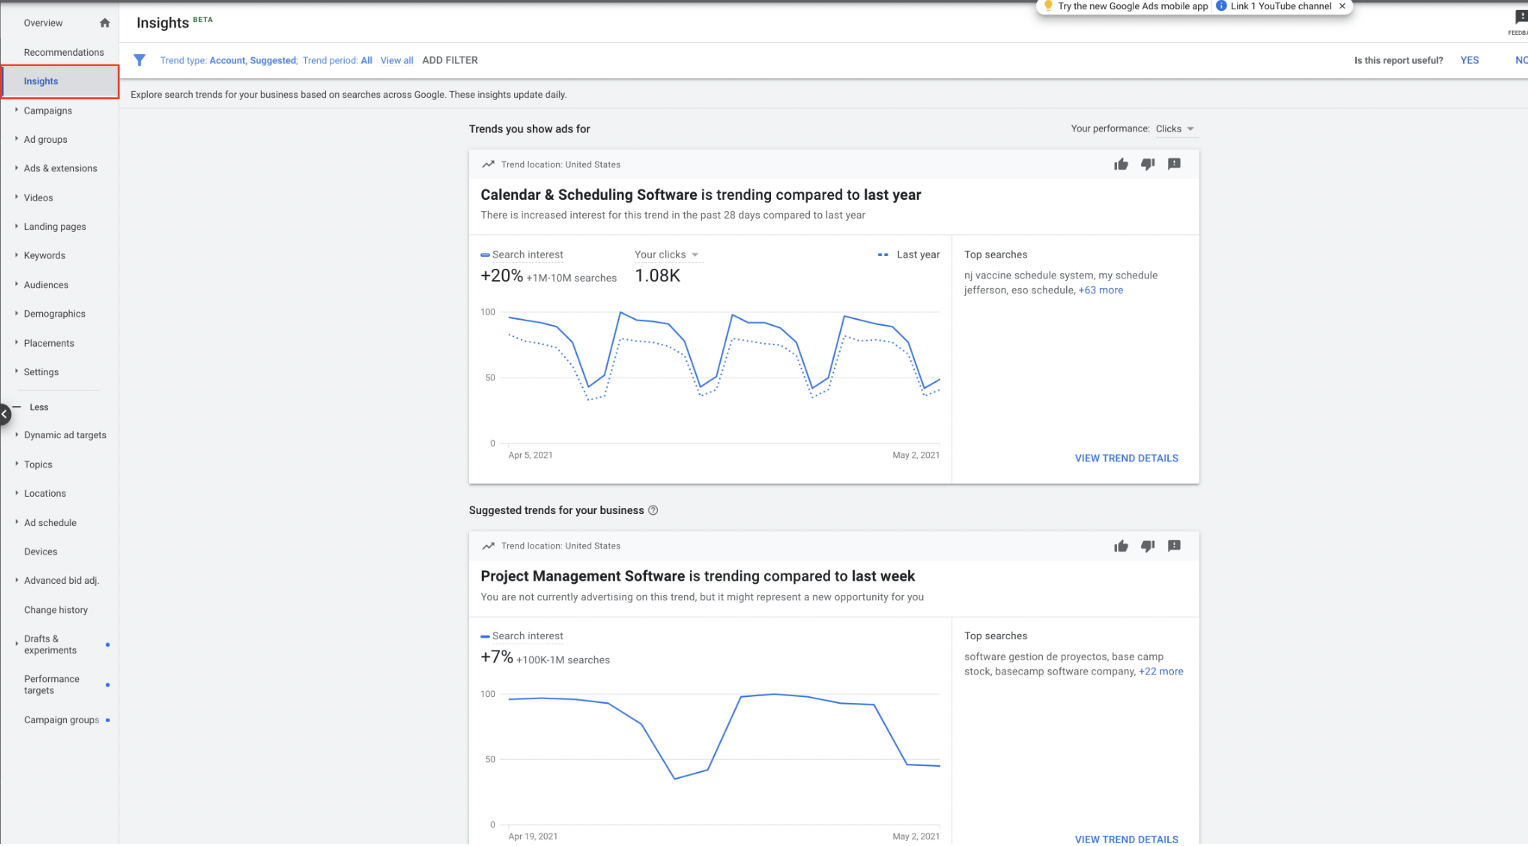 google ads insights dashboard